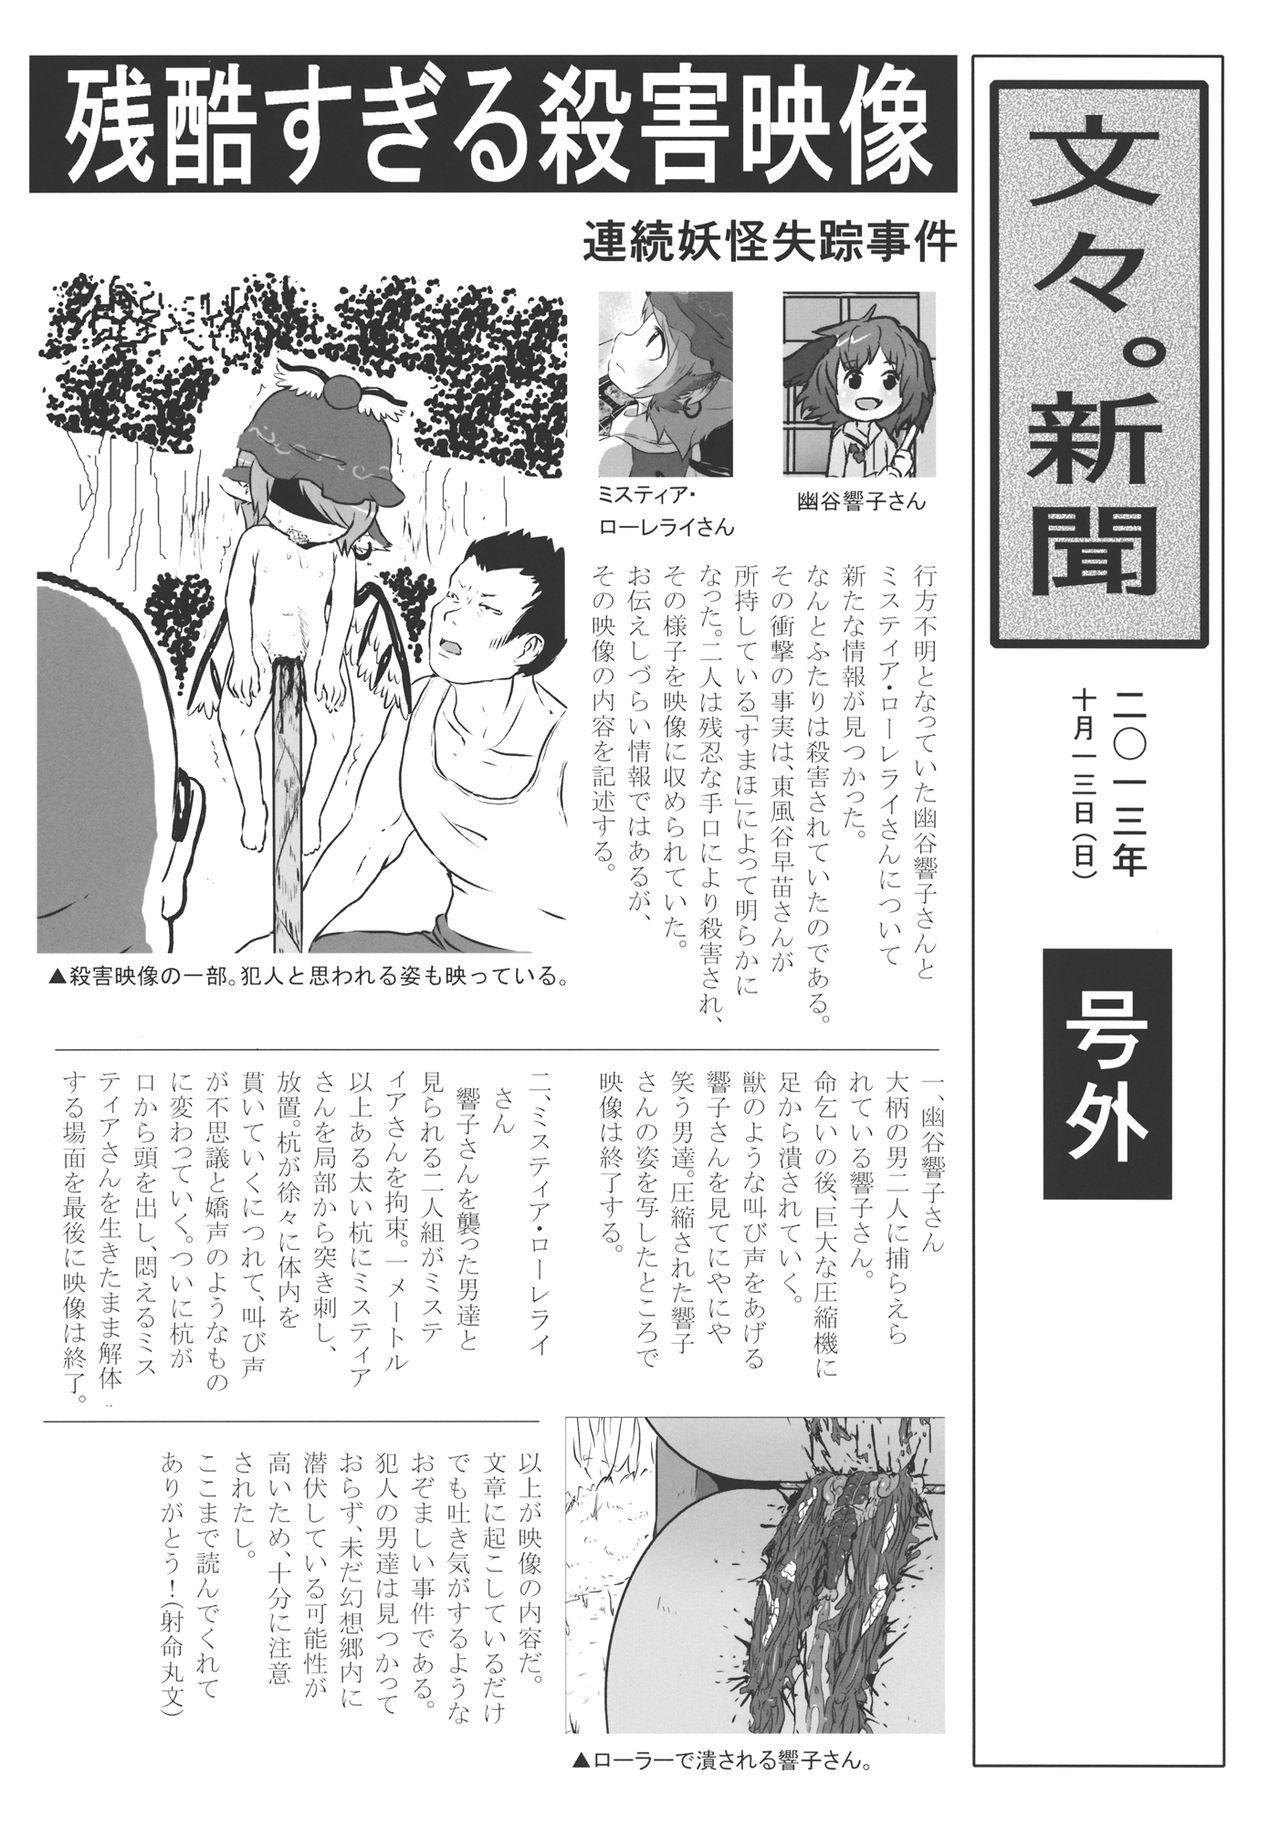 (Kouroumu 9) [02 (Harasaki)] (Kojin Satsuei)(Touhou)(Kouroumu 9)[02] Touhou snuff vol.3 Kawashiro Nitori (Mushuusei) (Loli-kei Youjo no Kirei na Hadaka wo Suki Houdai shichai mashita!).avi (Touhou Project) [Chinese] [布洛基个人汉化] 3